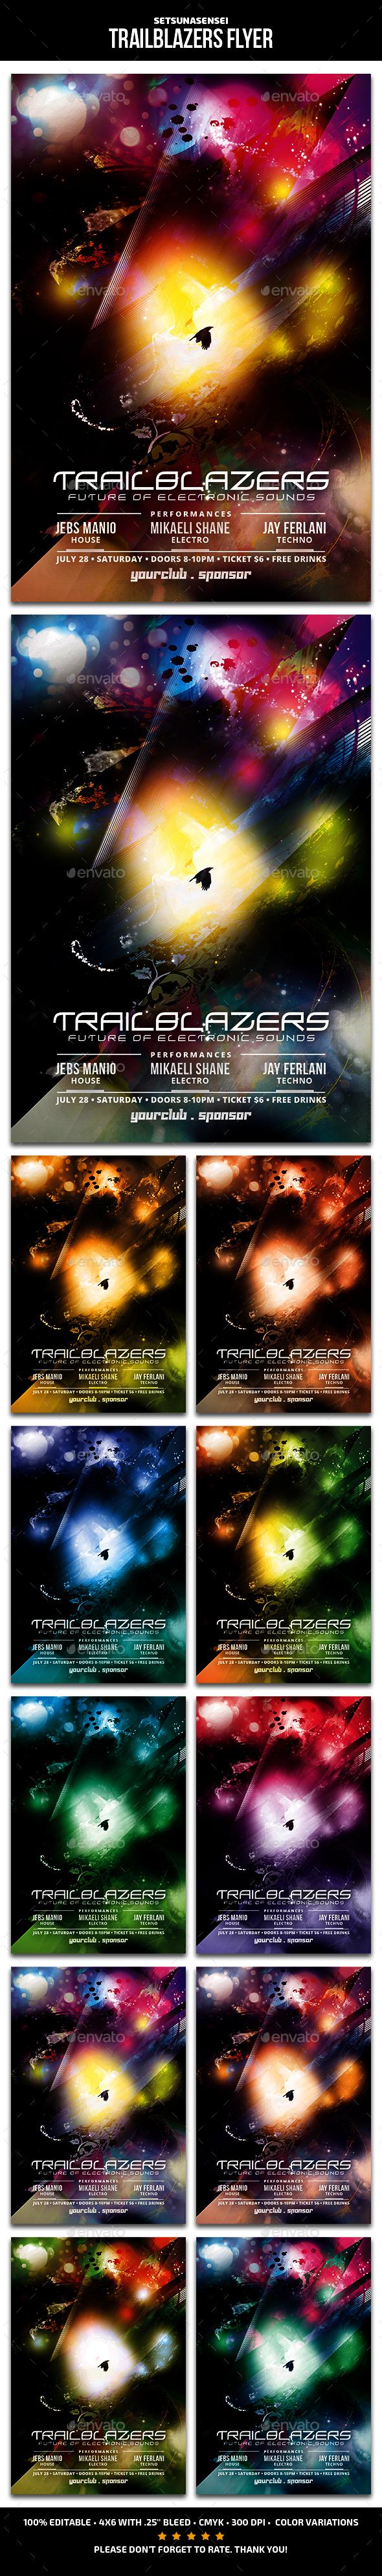 Trailblazers Flyer